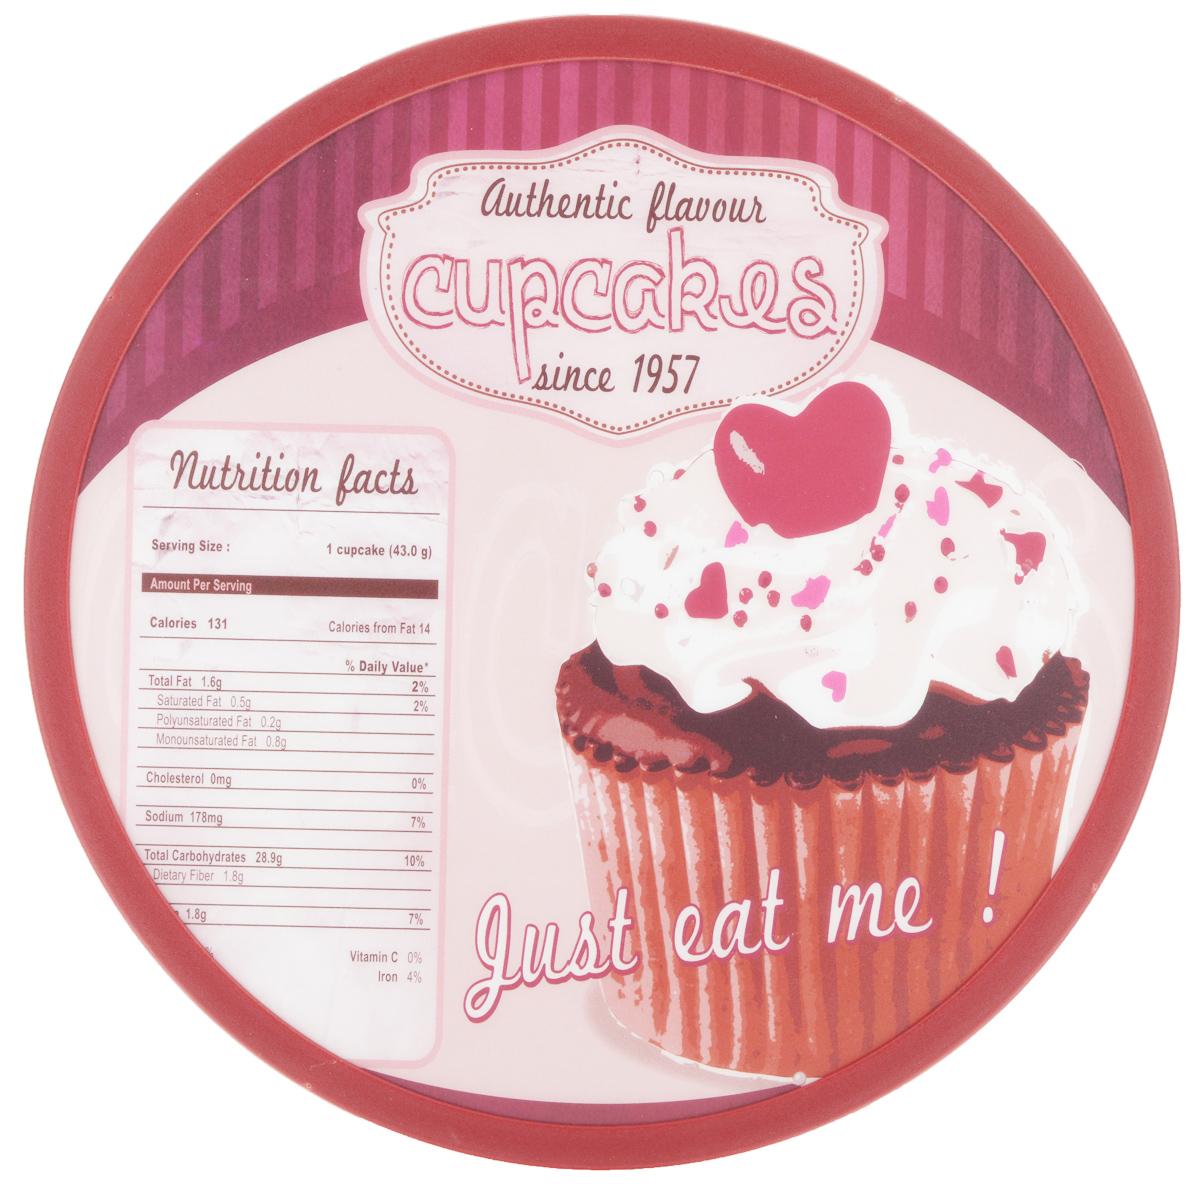 Доска разделочная Mayer & Boch Cupcakes, вращающаяся, диаметр 30 см25595Вращающаяся разделочная доска Mayer & Boch Cupcakes, выполненная из высококачественного пластика и дерева, станет незаменимым аксессуаром на вашей кухне. Доска декорирована красочными рисунками и надписями. Антибактериальное покрытие защищает от плесени, грибков и неприятных запахов. Изделие предназначено для измельчения продуктов. Доска вращается на 360°, что делает ее еще и отличным аксессуаром для сервировки пищи. Такая доска прекрасно впишется в интерьер любой кухни и прослужит вам долгие годы. Диаметр доски: 30 см. Диаметр основания: 18 см. Высота: 4 см.